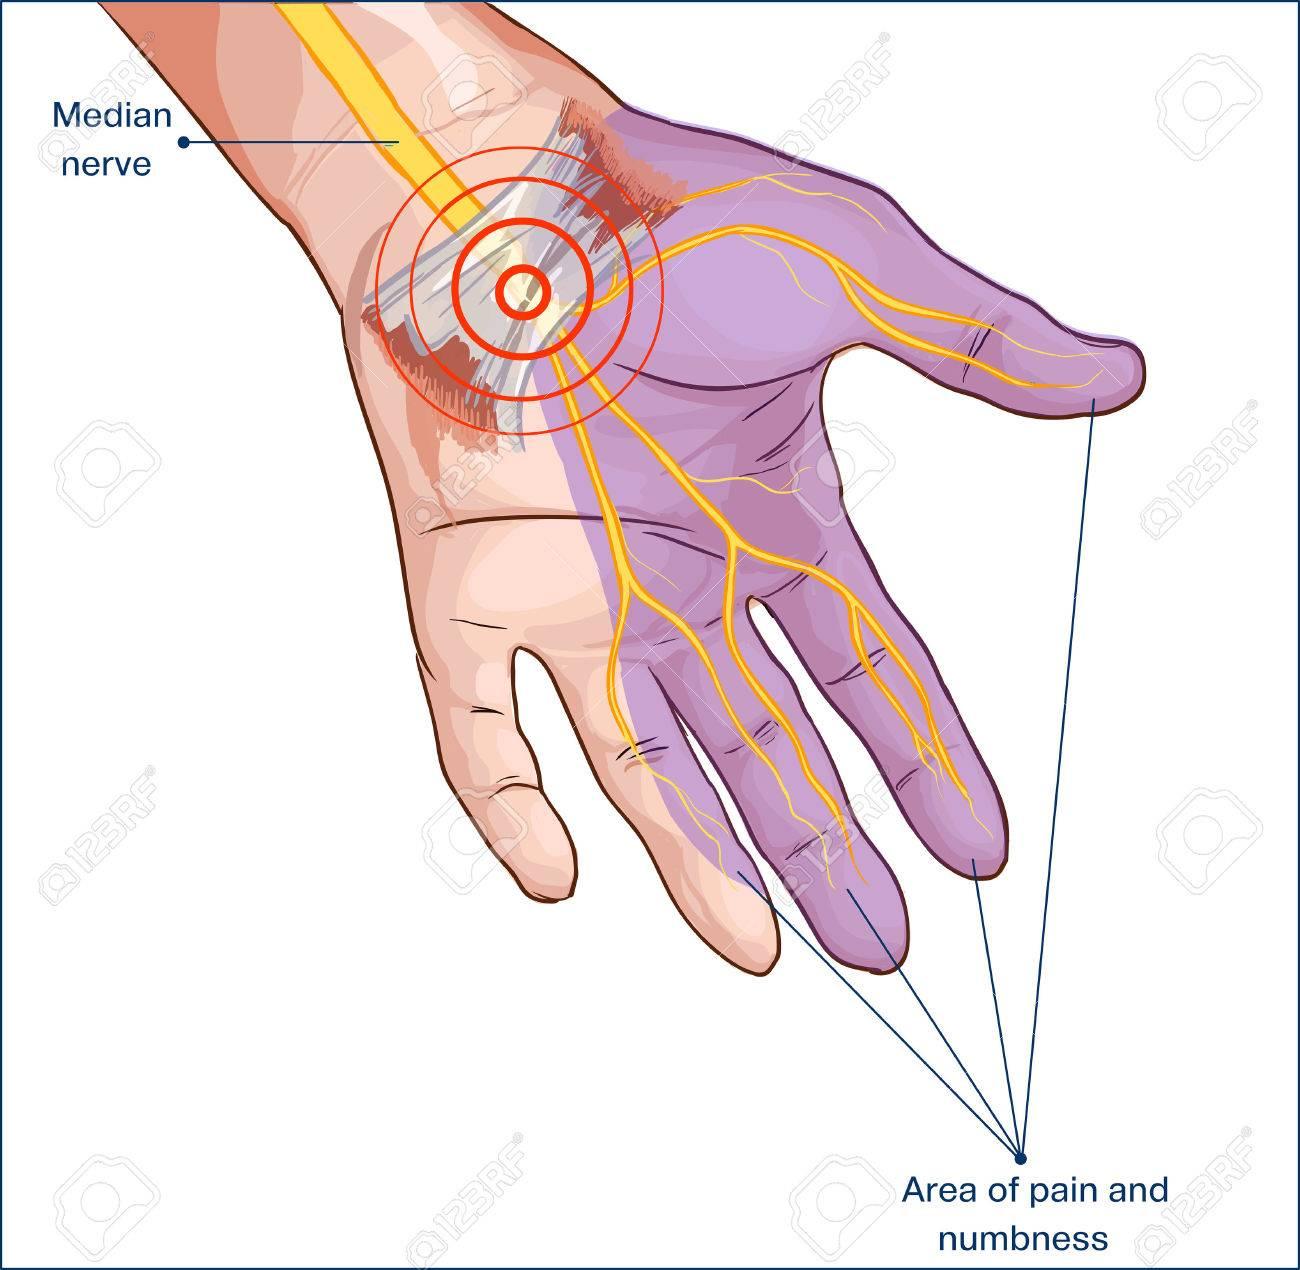 transverse carpal ligament compressed median nerve hand - 73199850